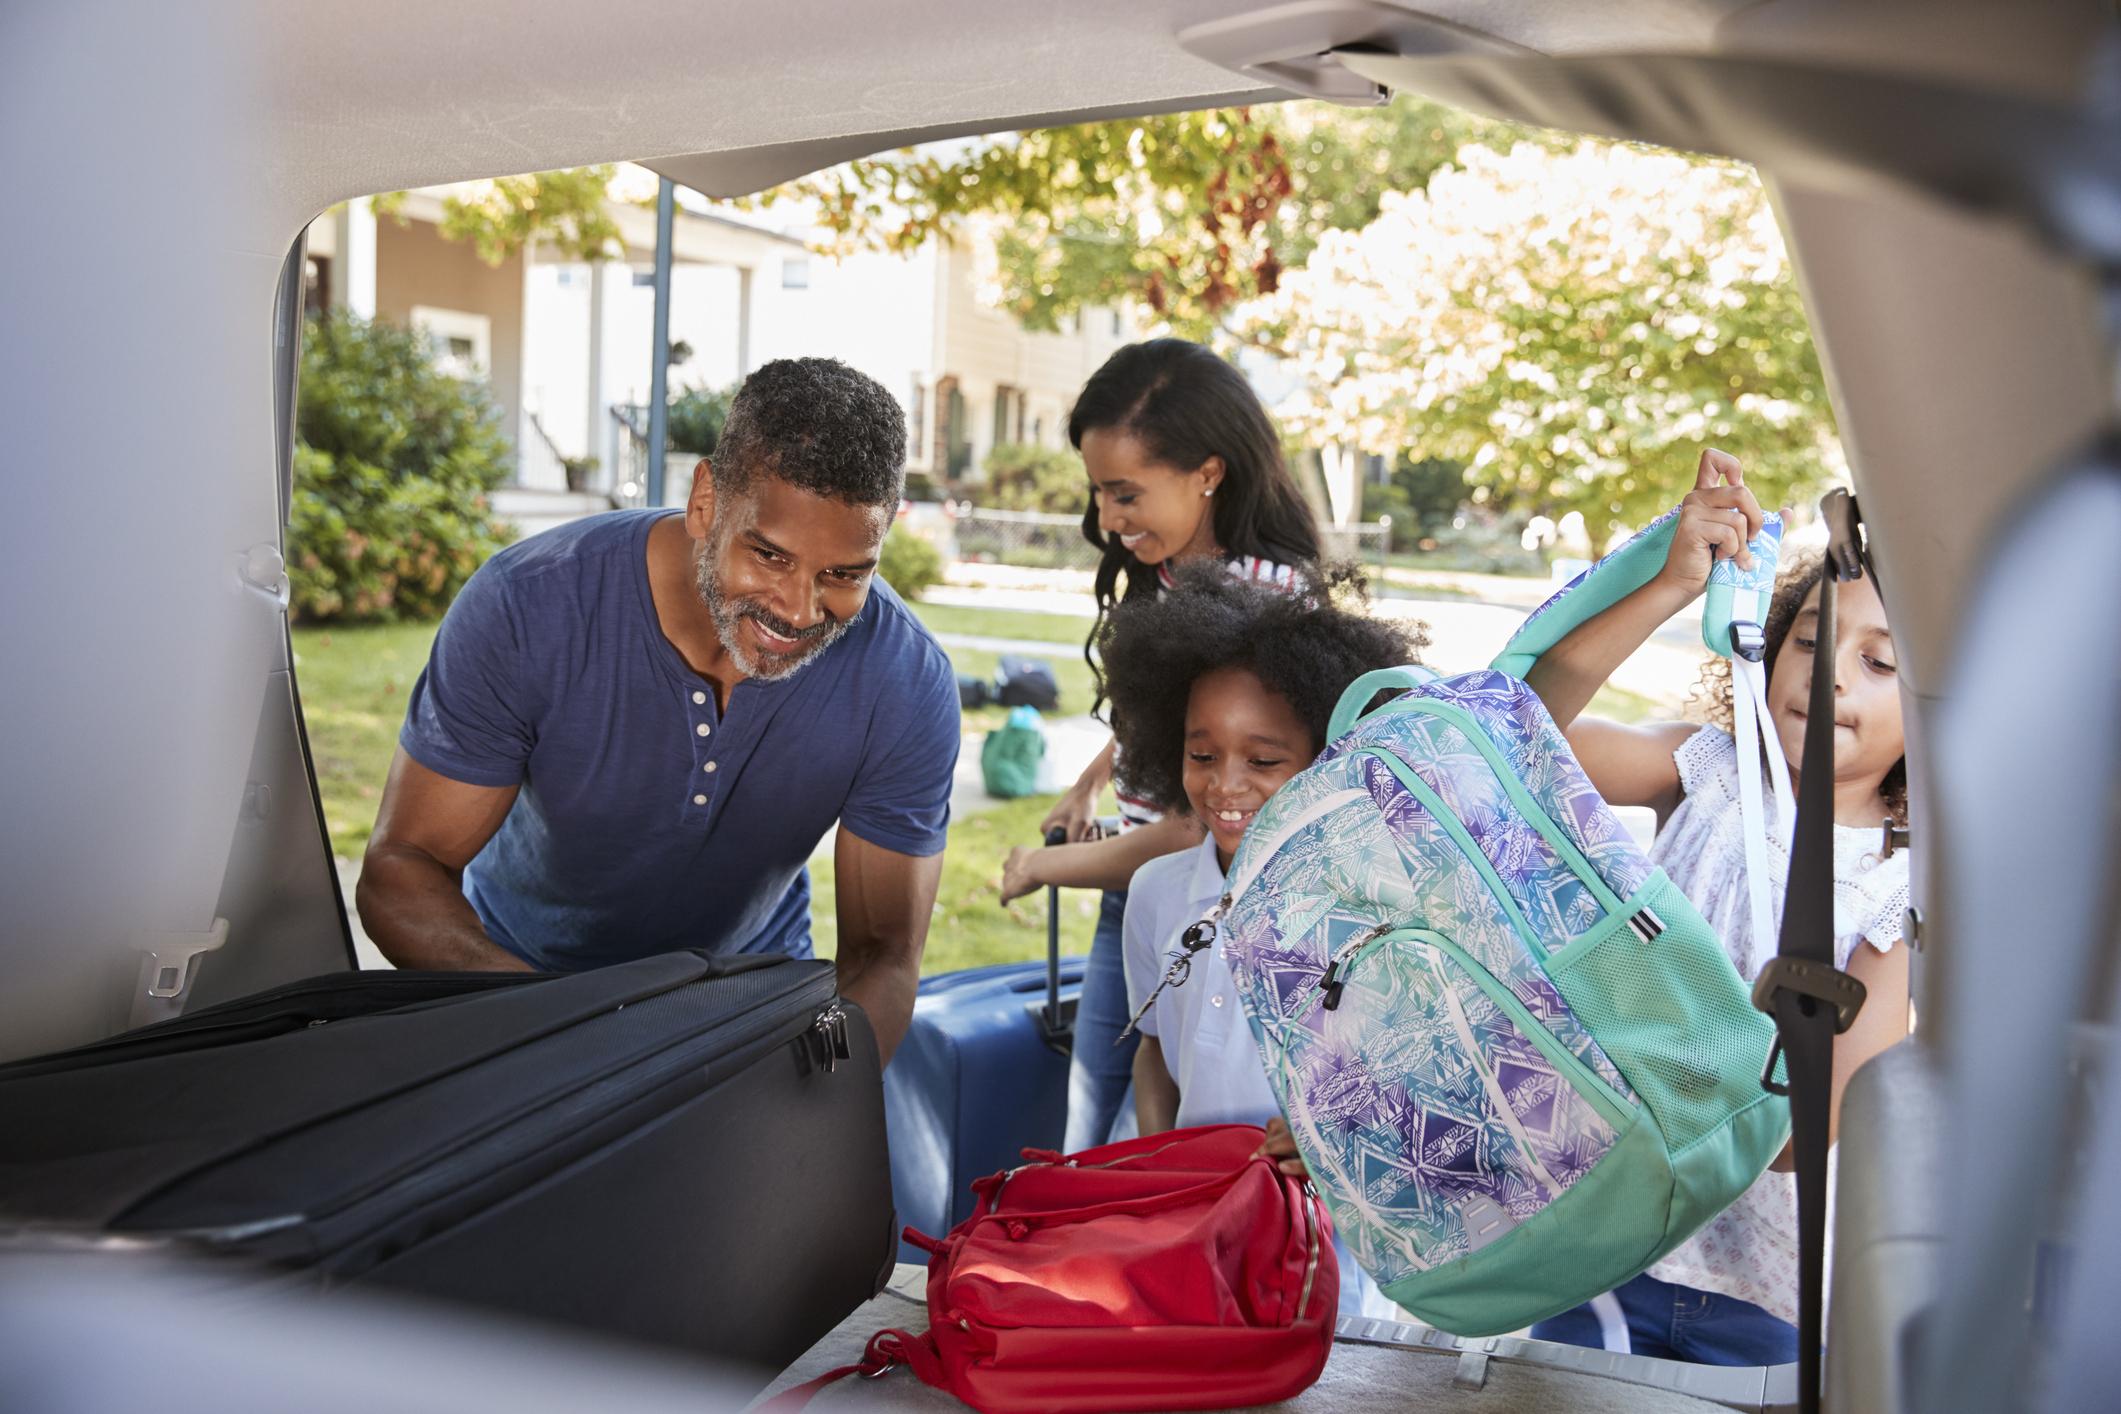 Smarta investeringar och hushållsekonomi för barnfamiljer